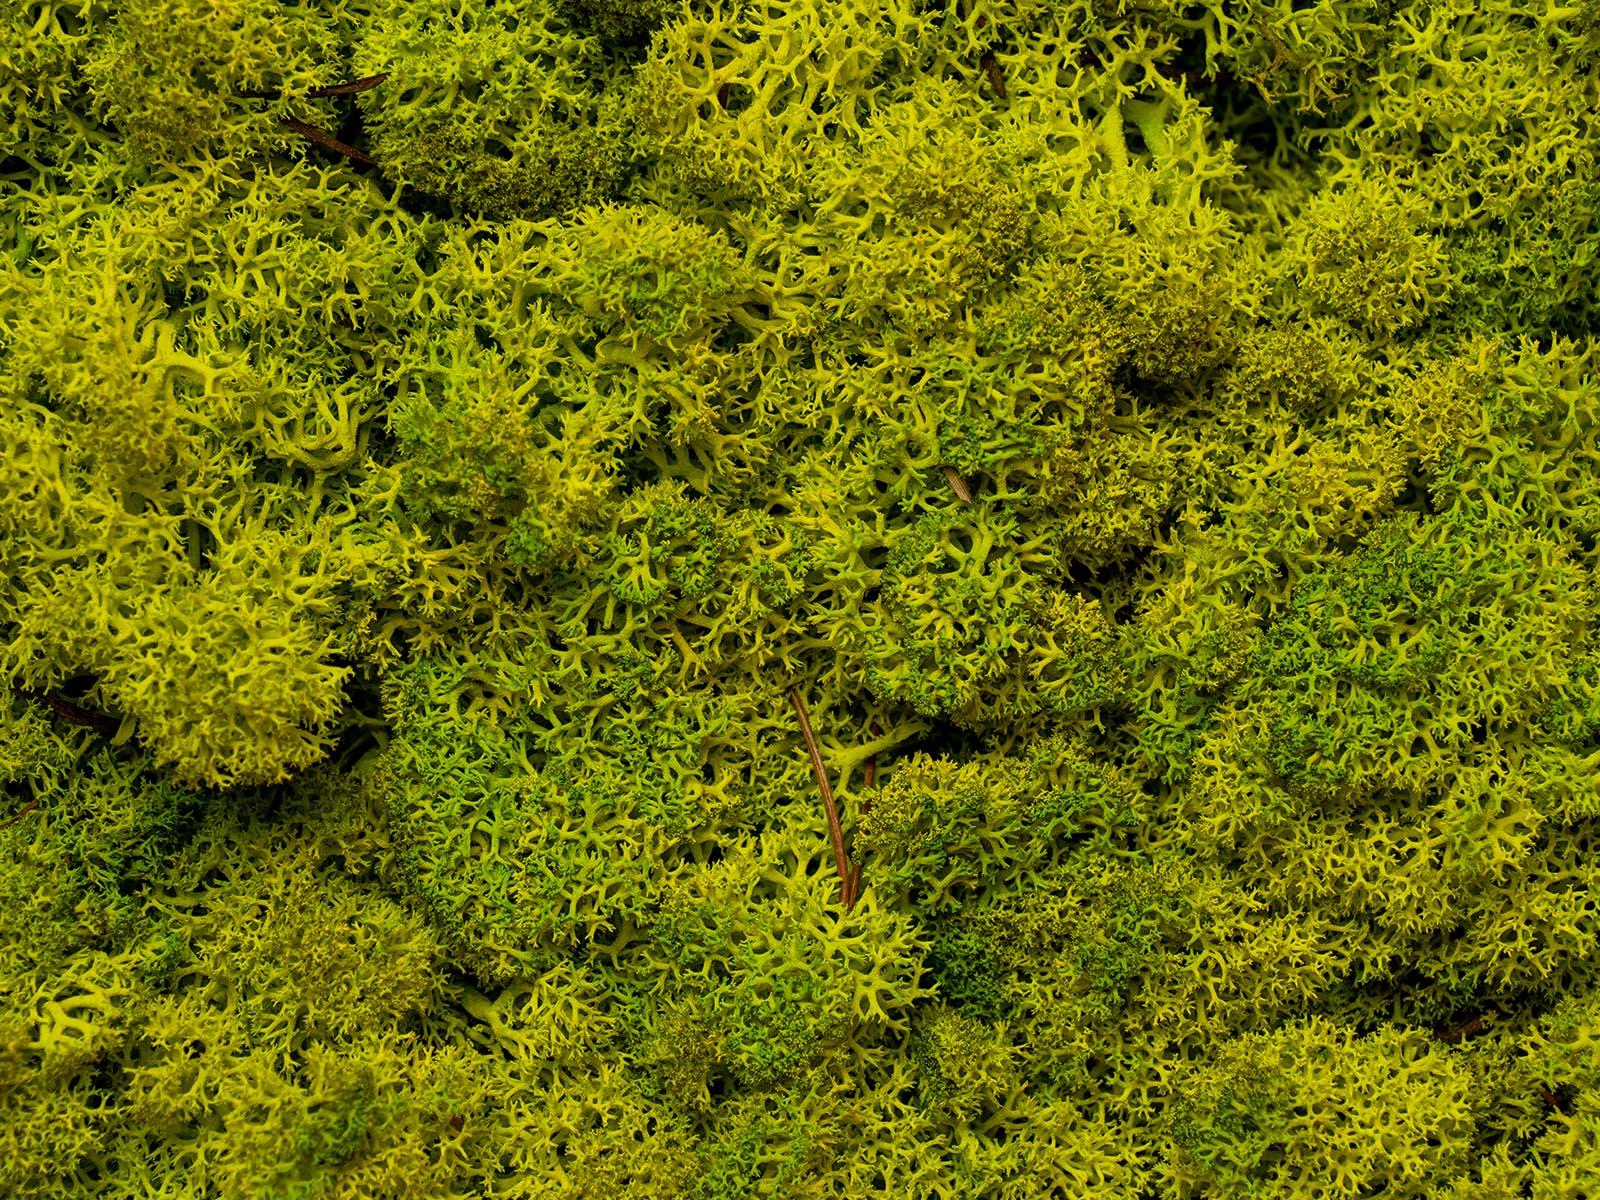 Makrofotó a tartósított zuzmóról: természetes és csodás látványt nyújt az üde zöld zuzmó!